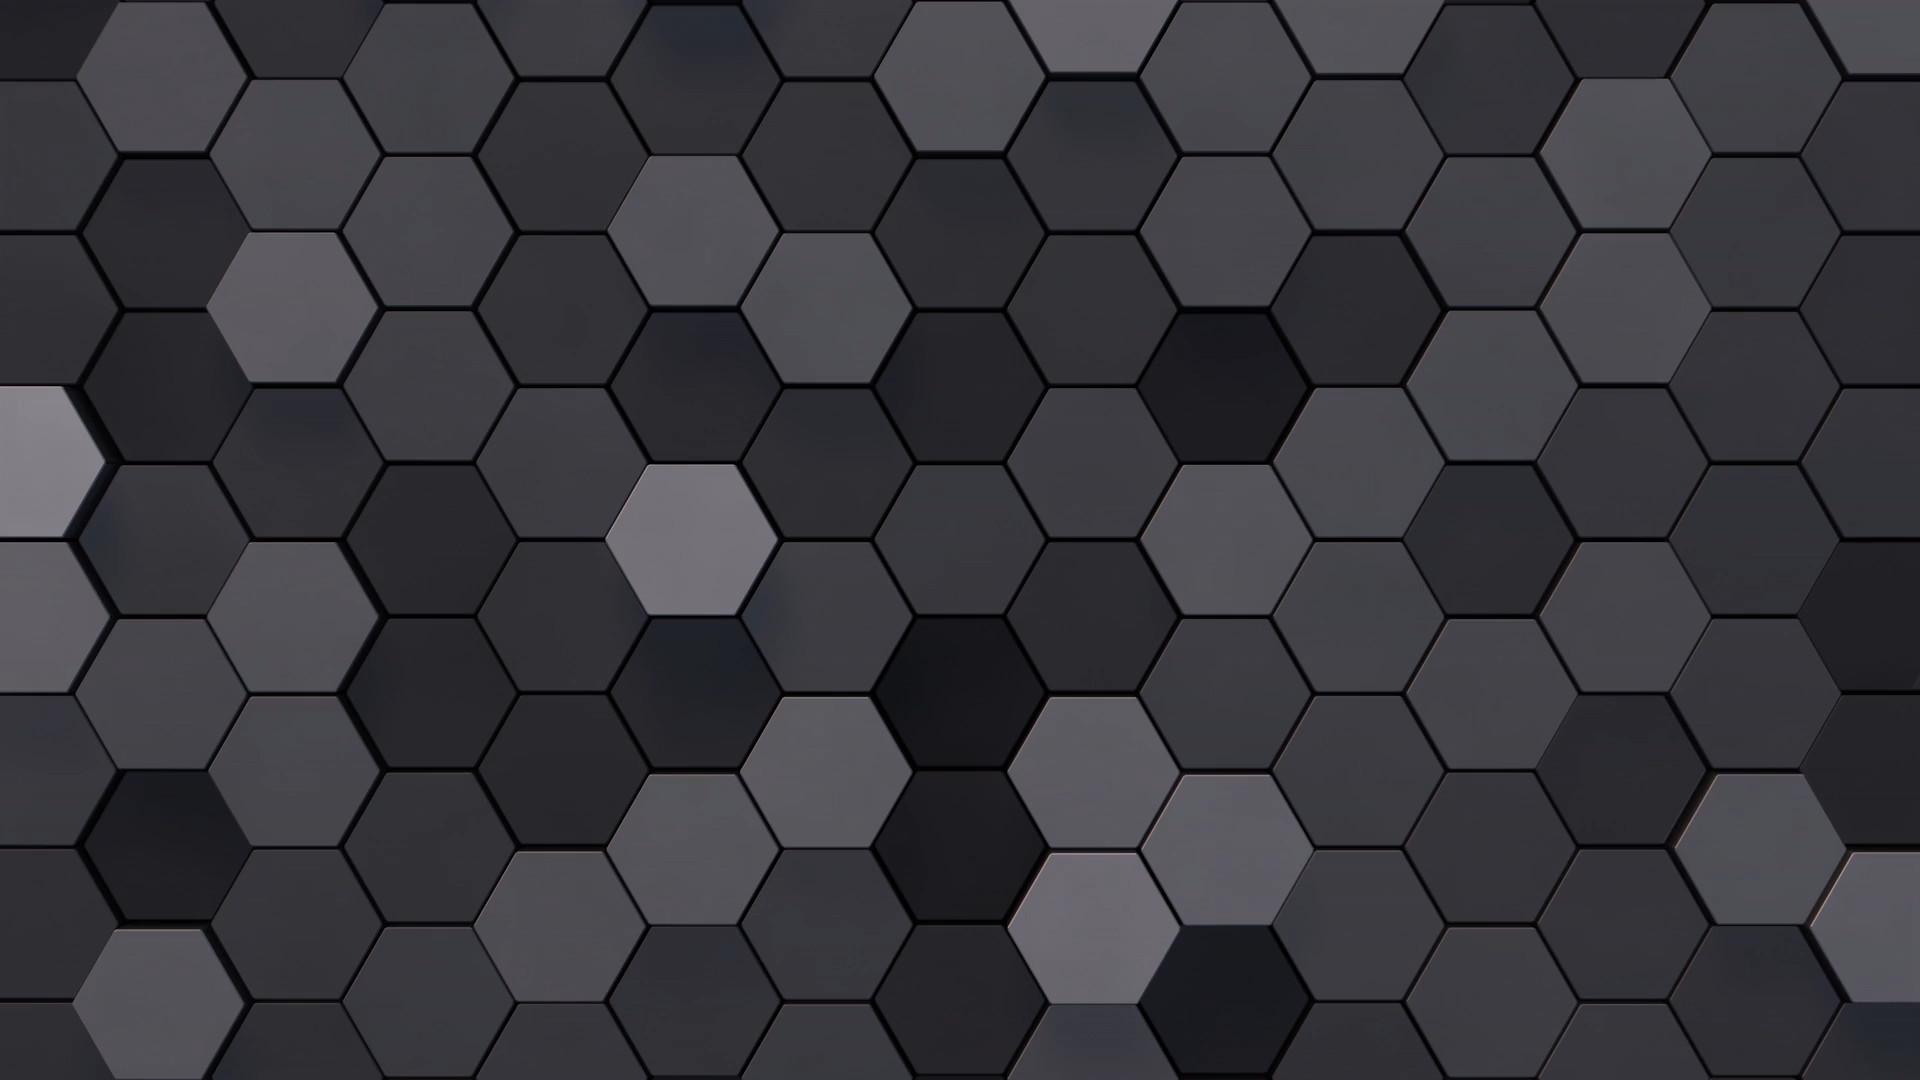 flat hexagons